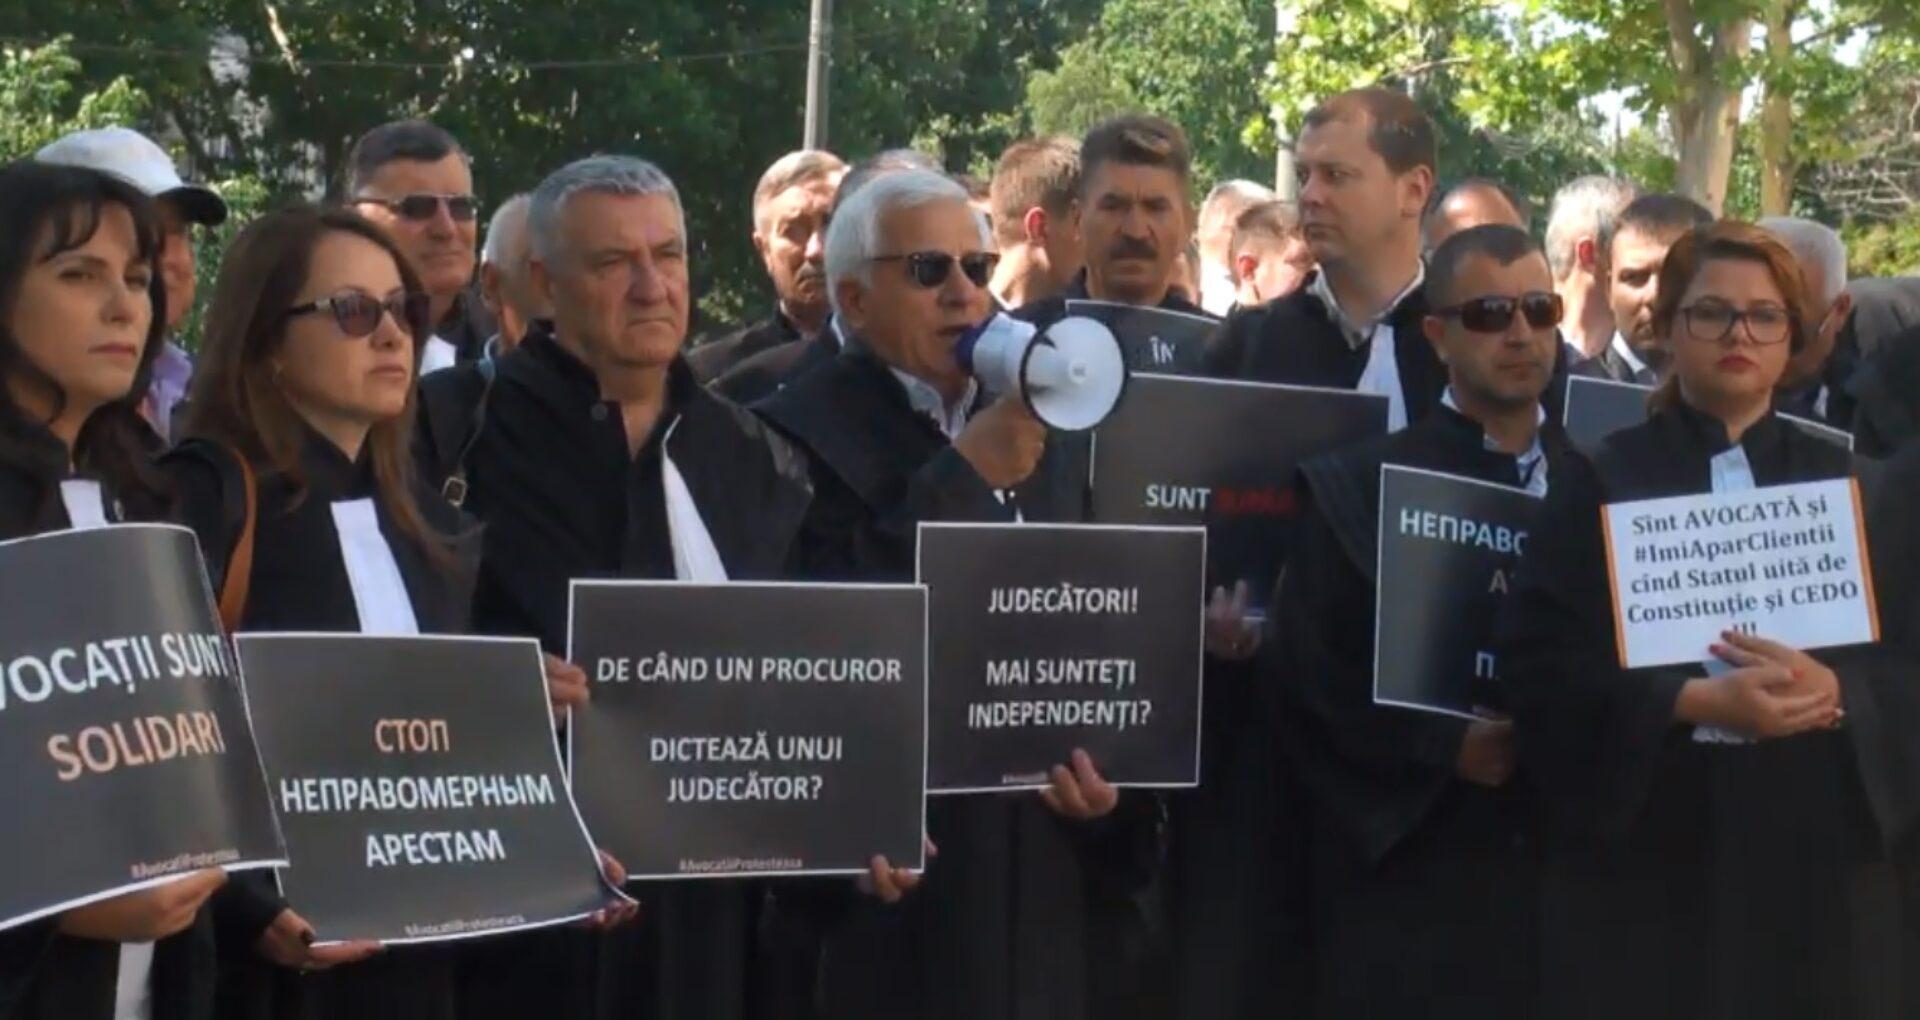 Uniunea Avocaților critică deciziile Curții Constituționale: A dat dovadă de lipsă de independență